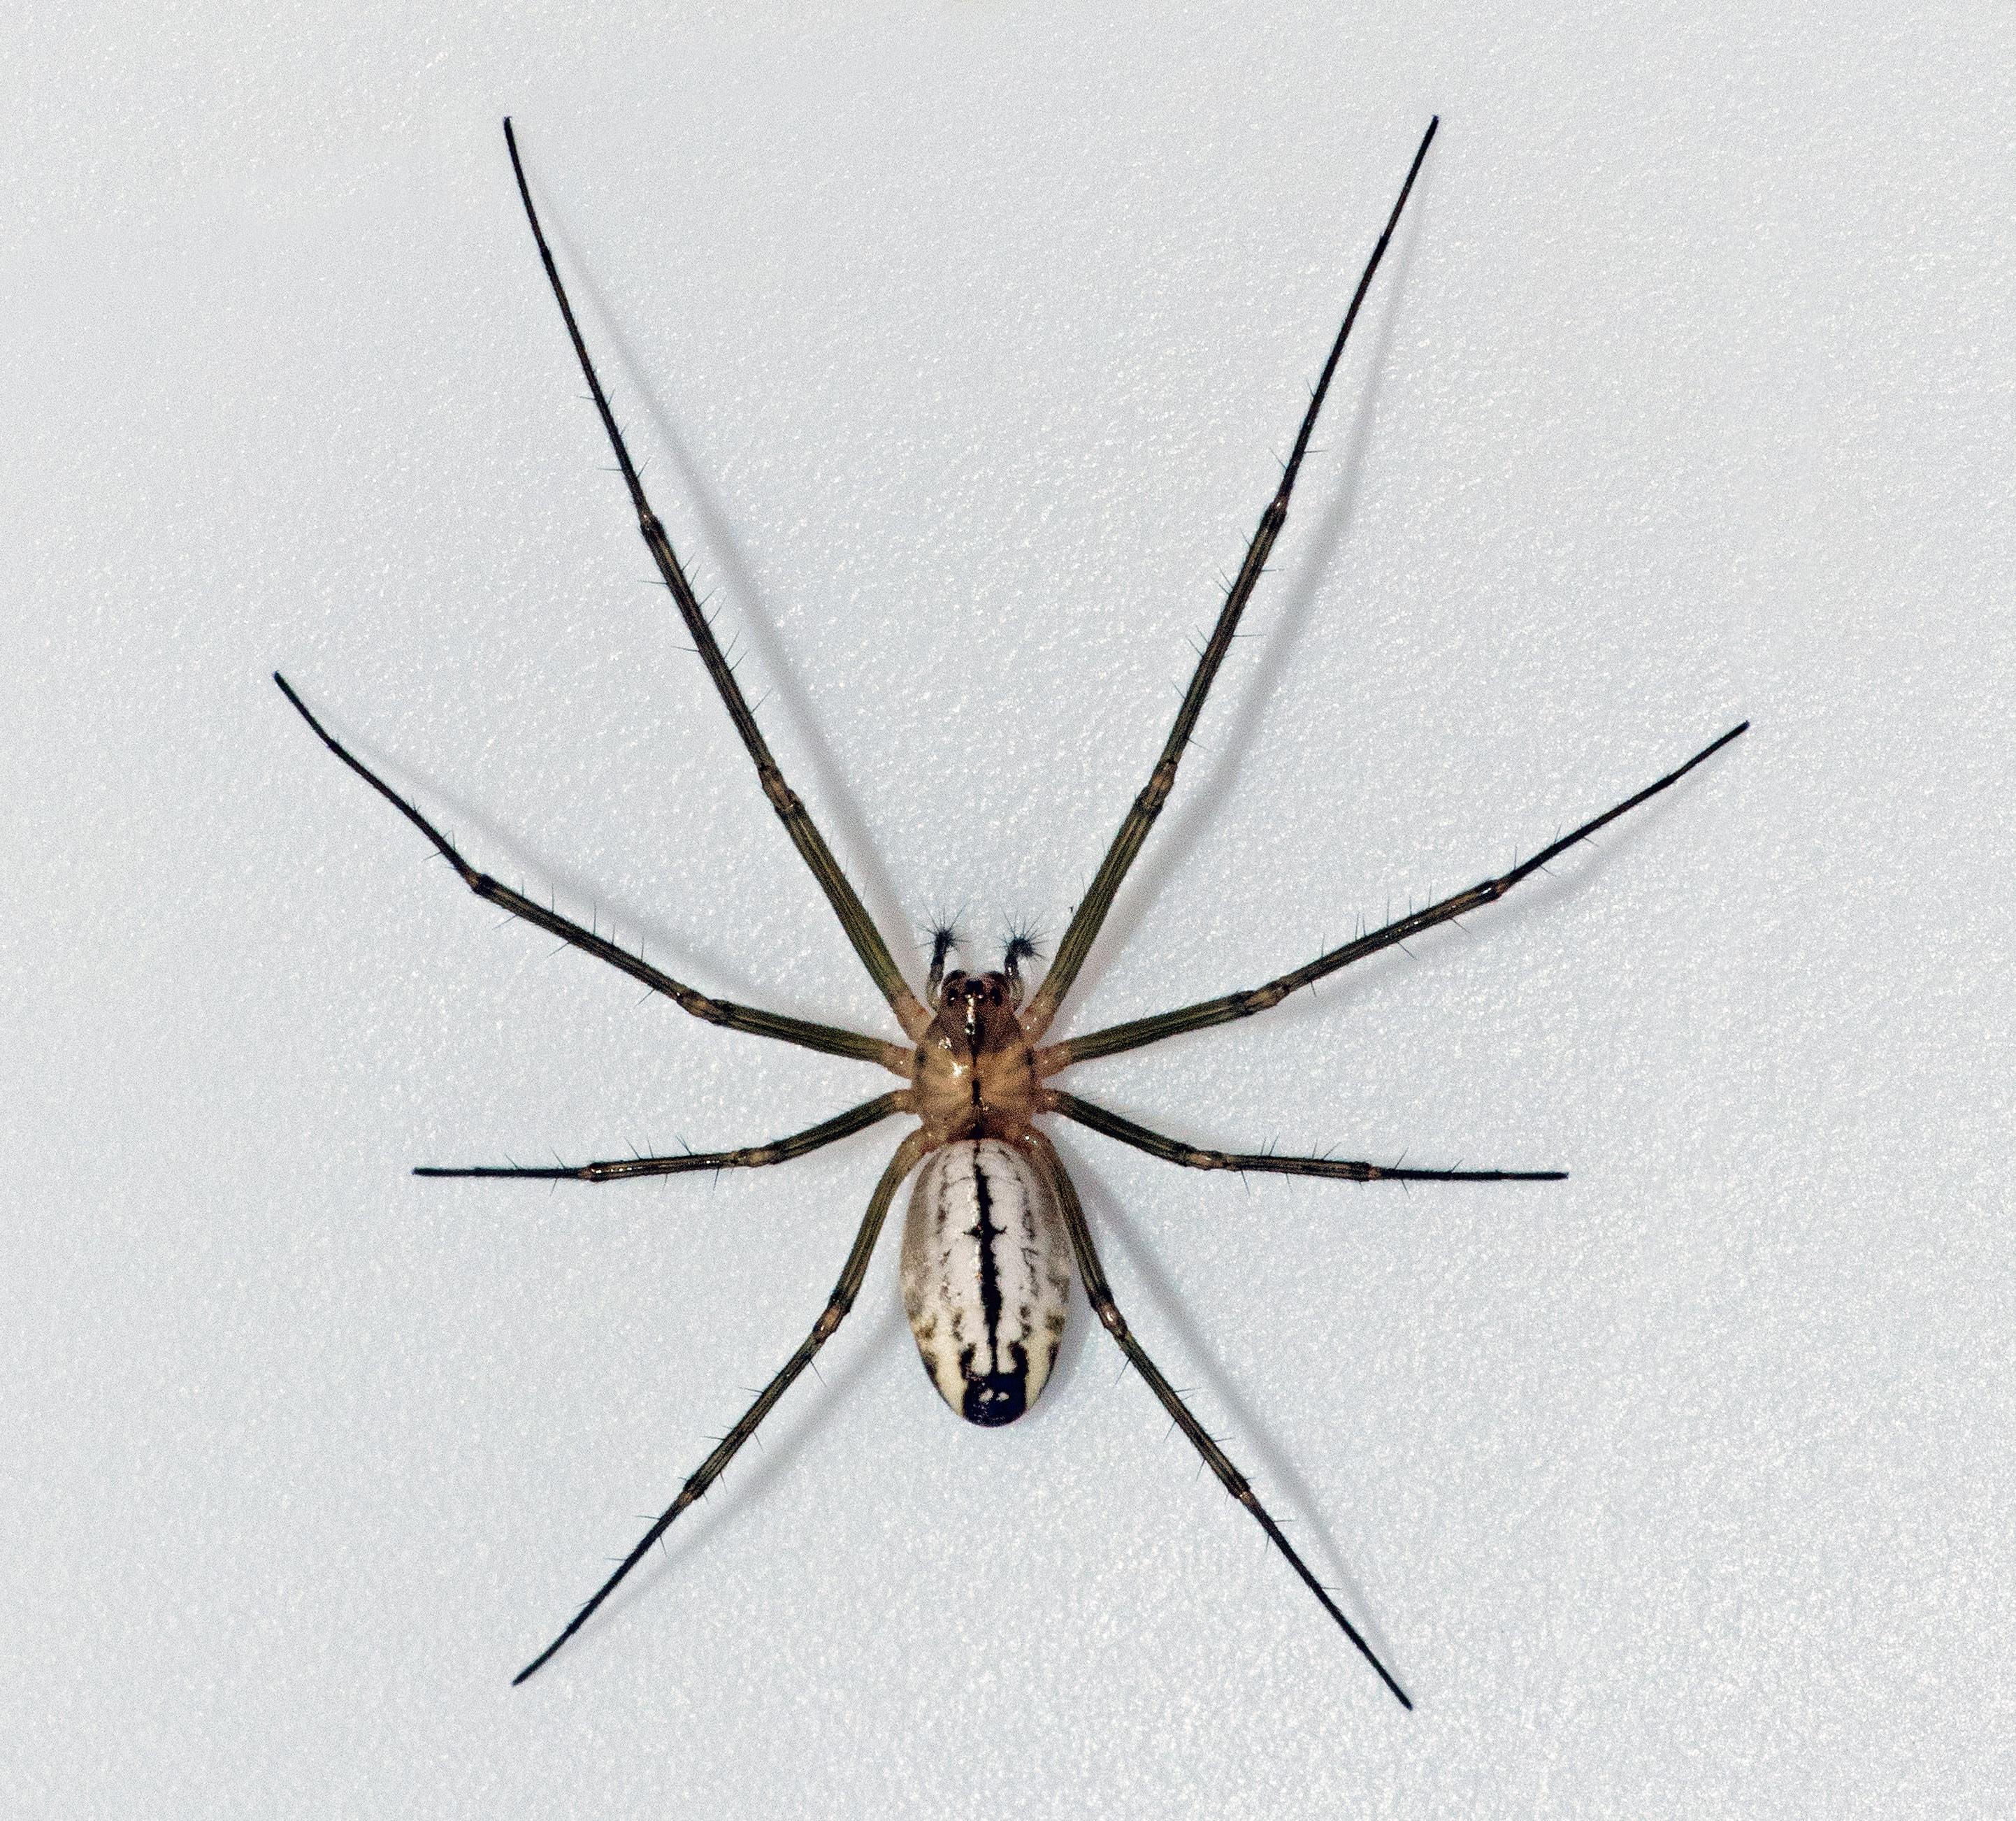 Picture of Neriene litigiosa (Sierra Dome Spider) - Female - Dorsal